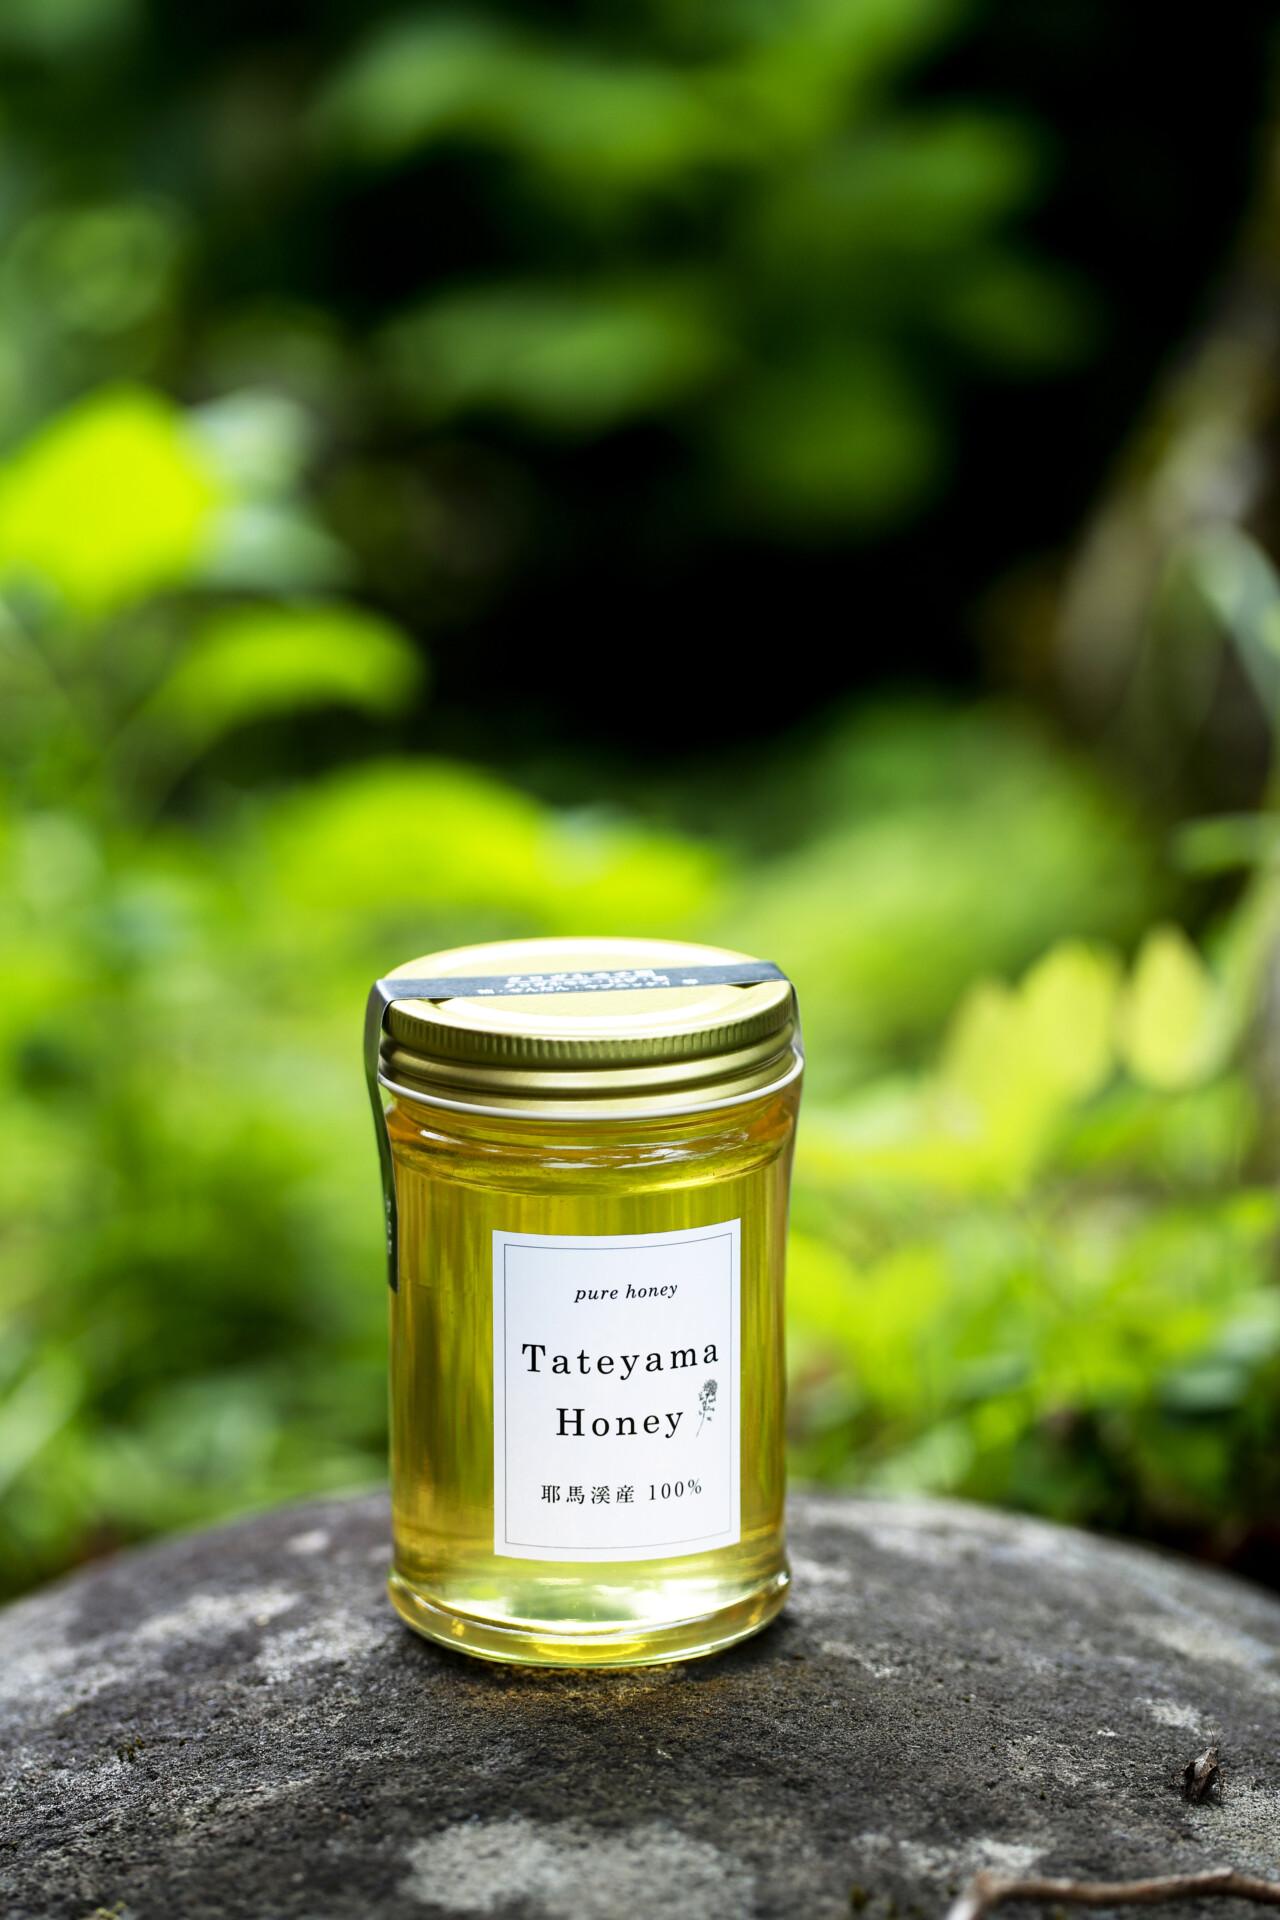 耶馬溪だからこそできるはちみつで就労支援をしていきたいtateyama honeyの想い。